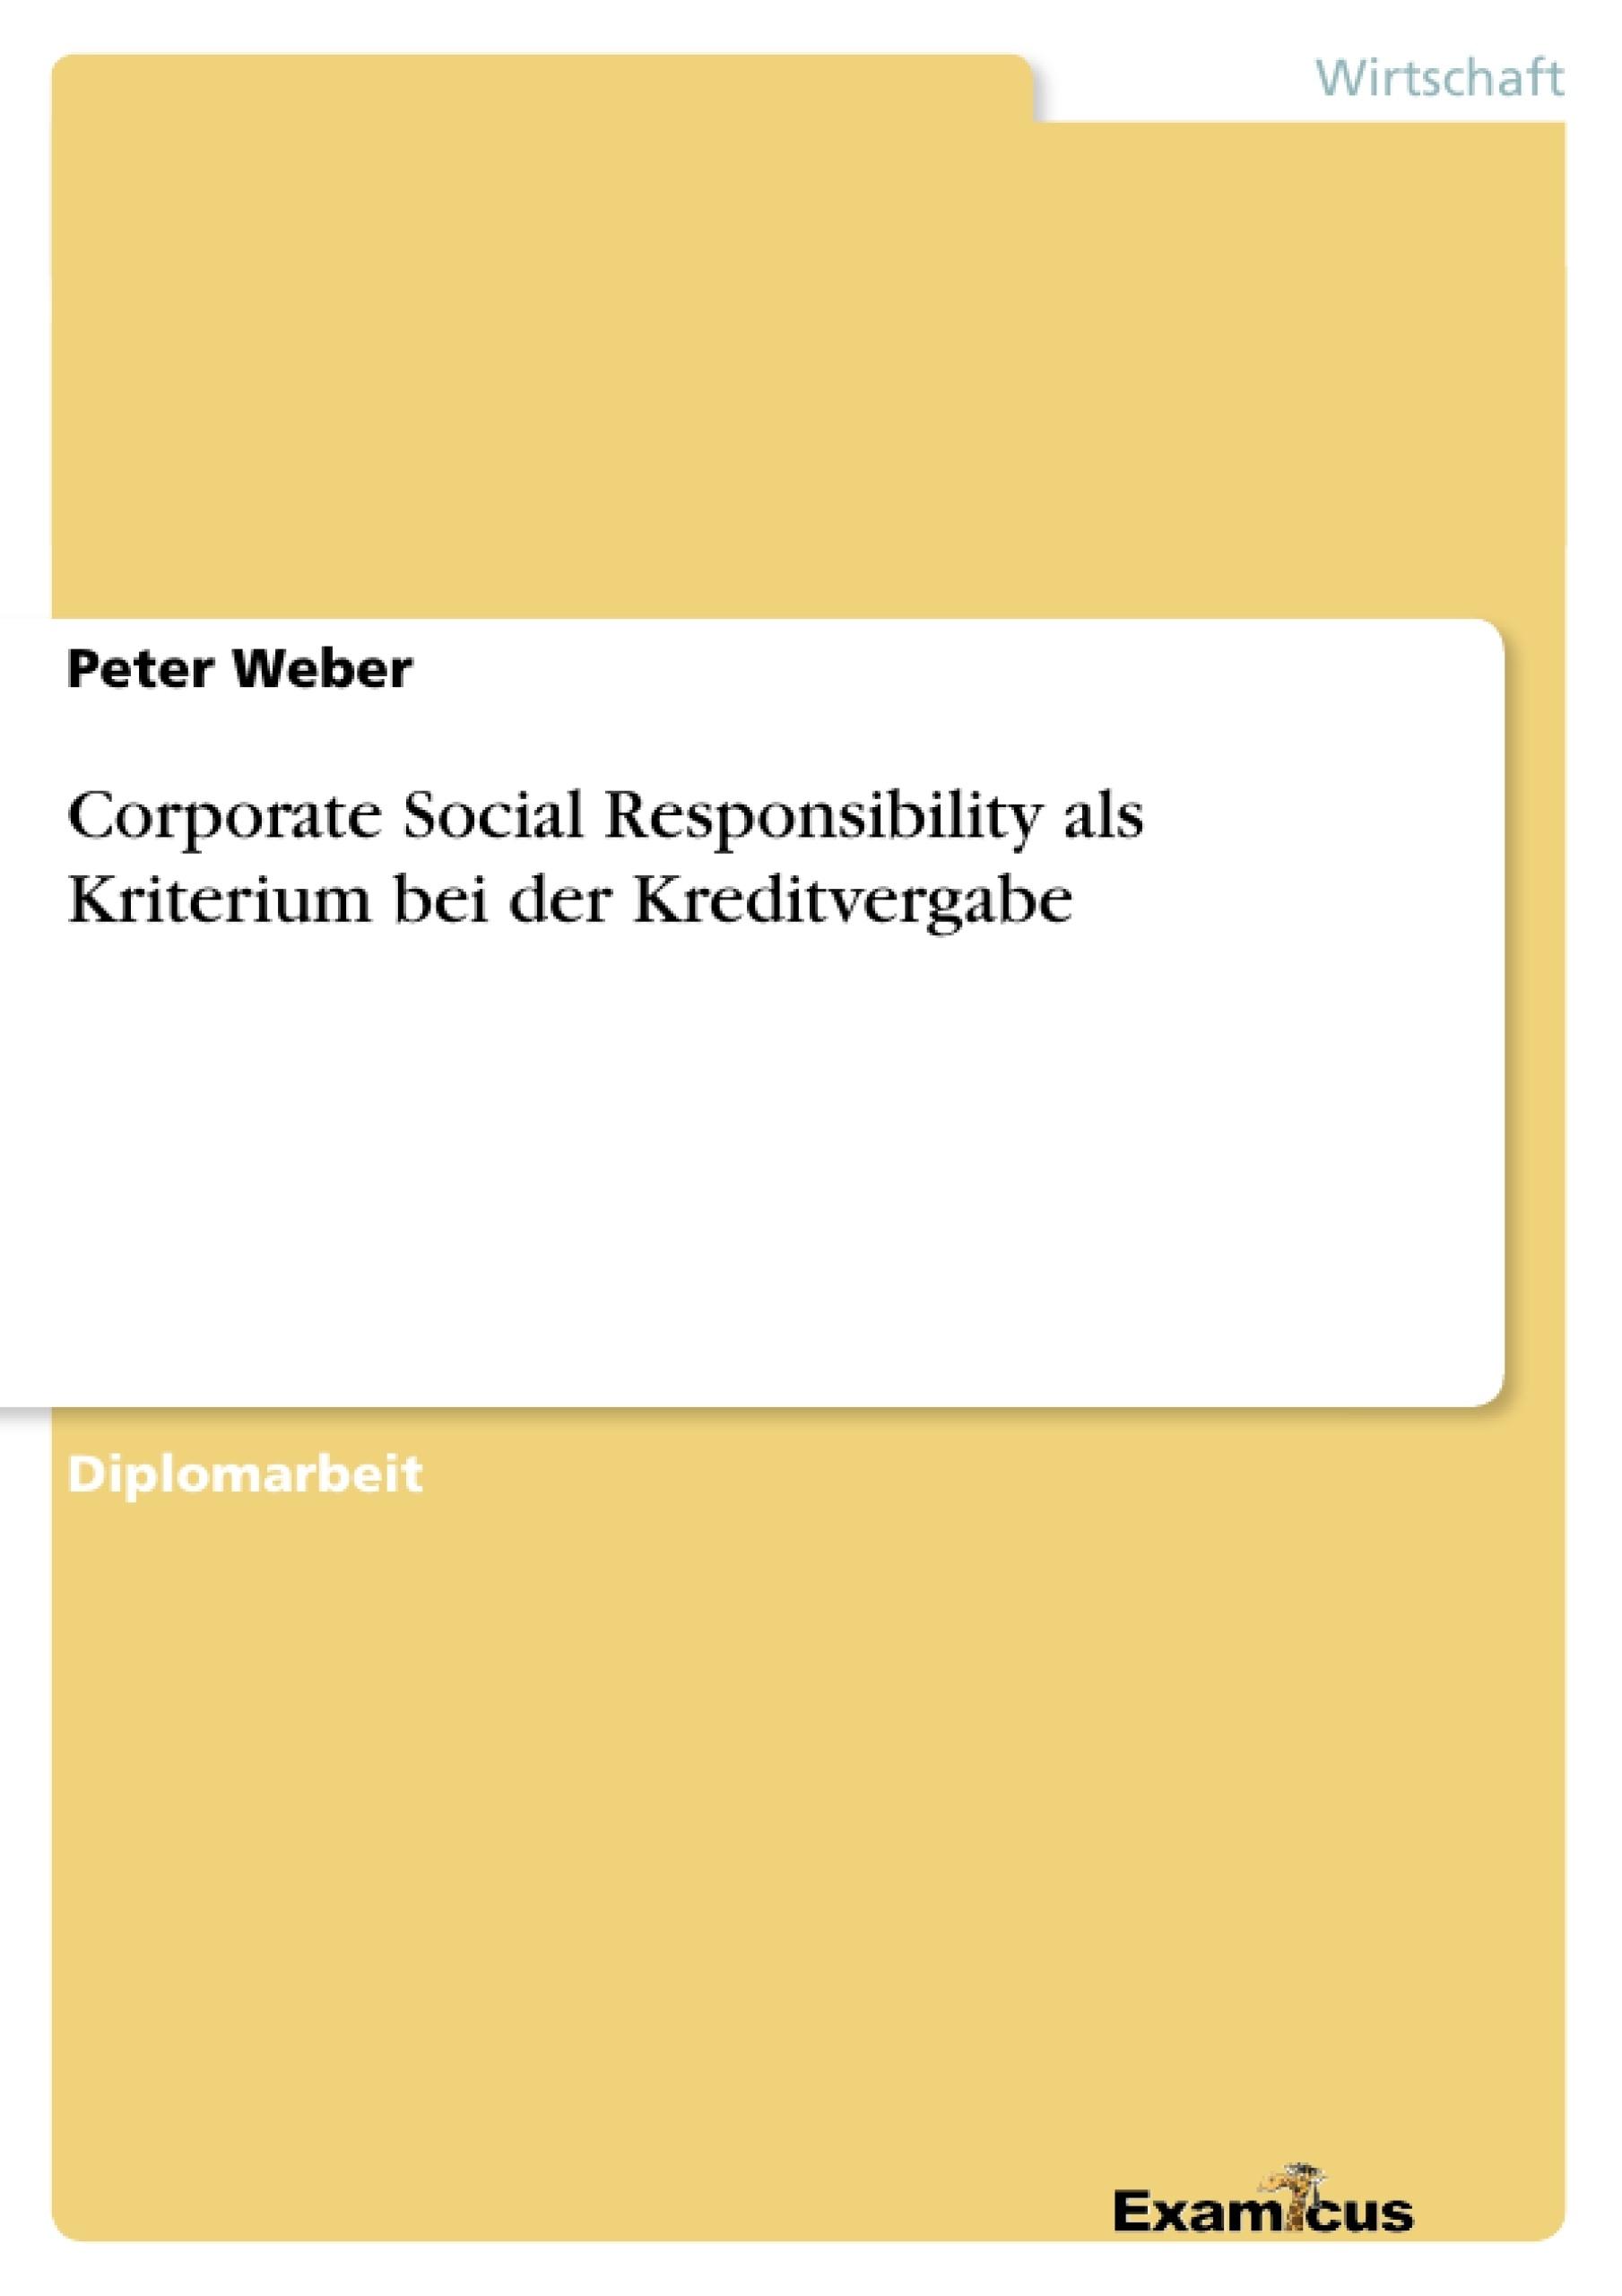 Titel: Corporate Social Responsibility als Kriterium bei der Kreditvergabe